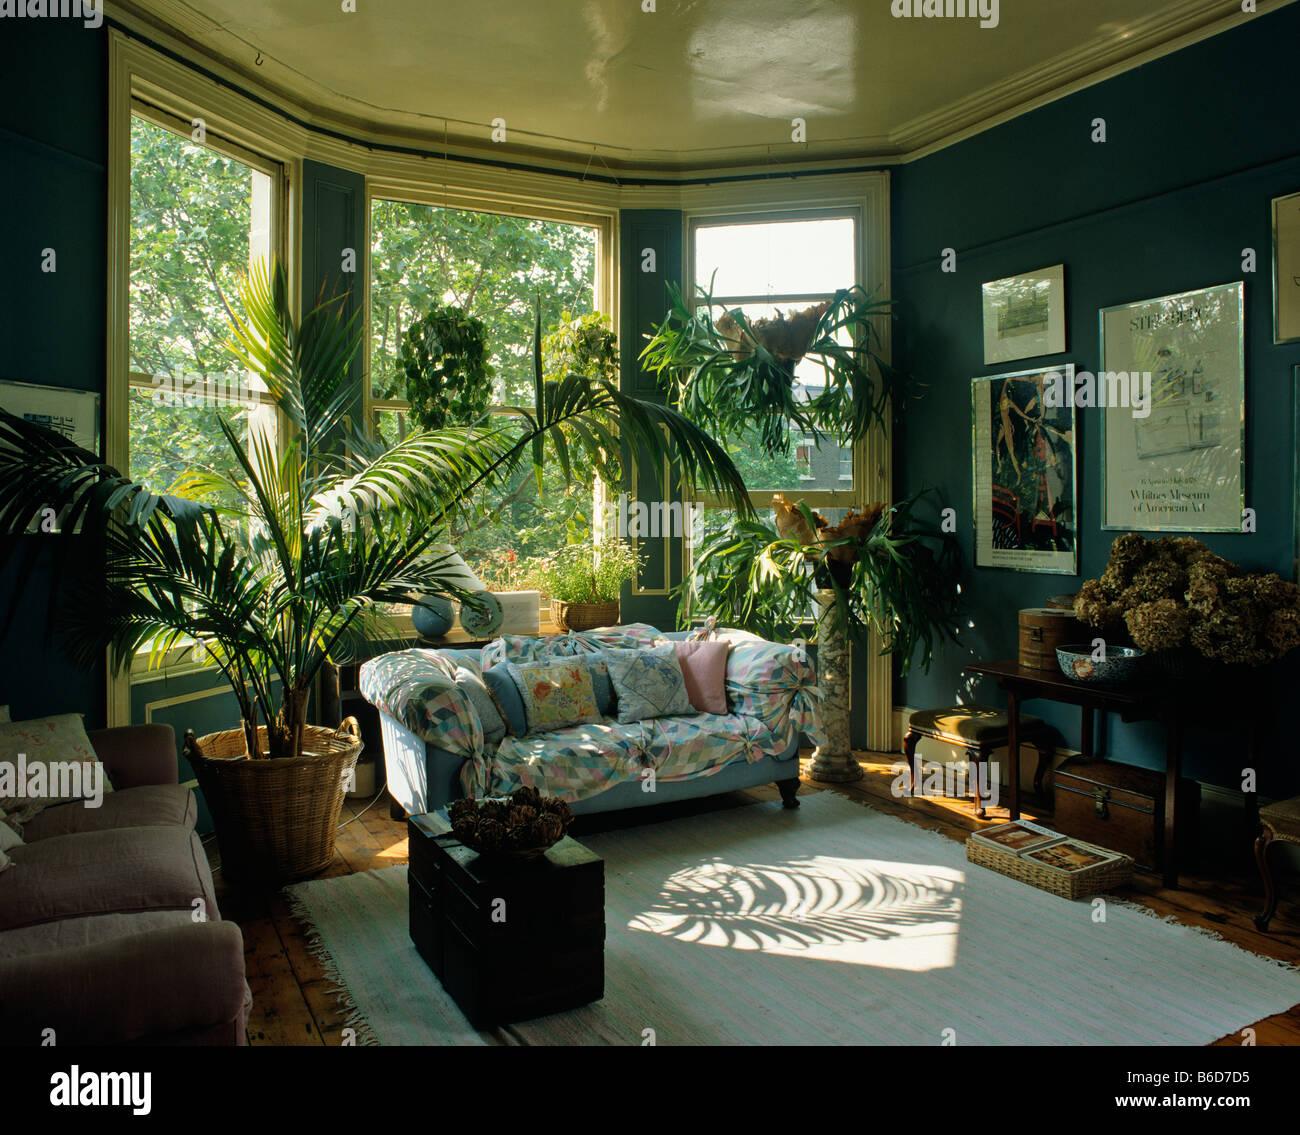 80s living room design  Living Room Decor 80s Stock Photos